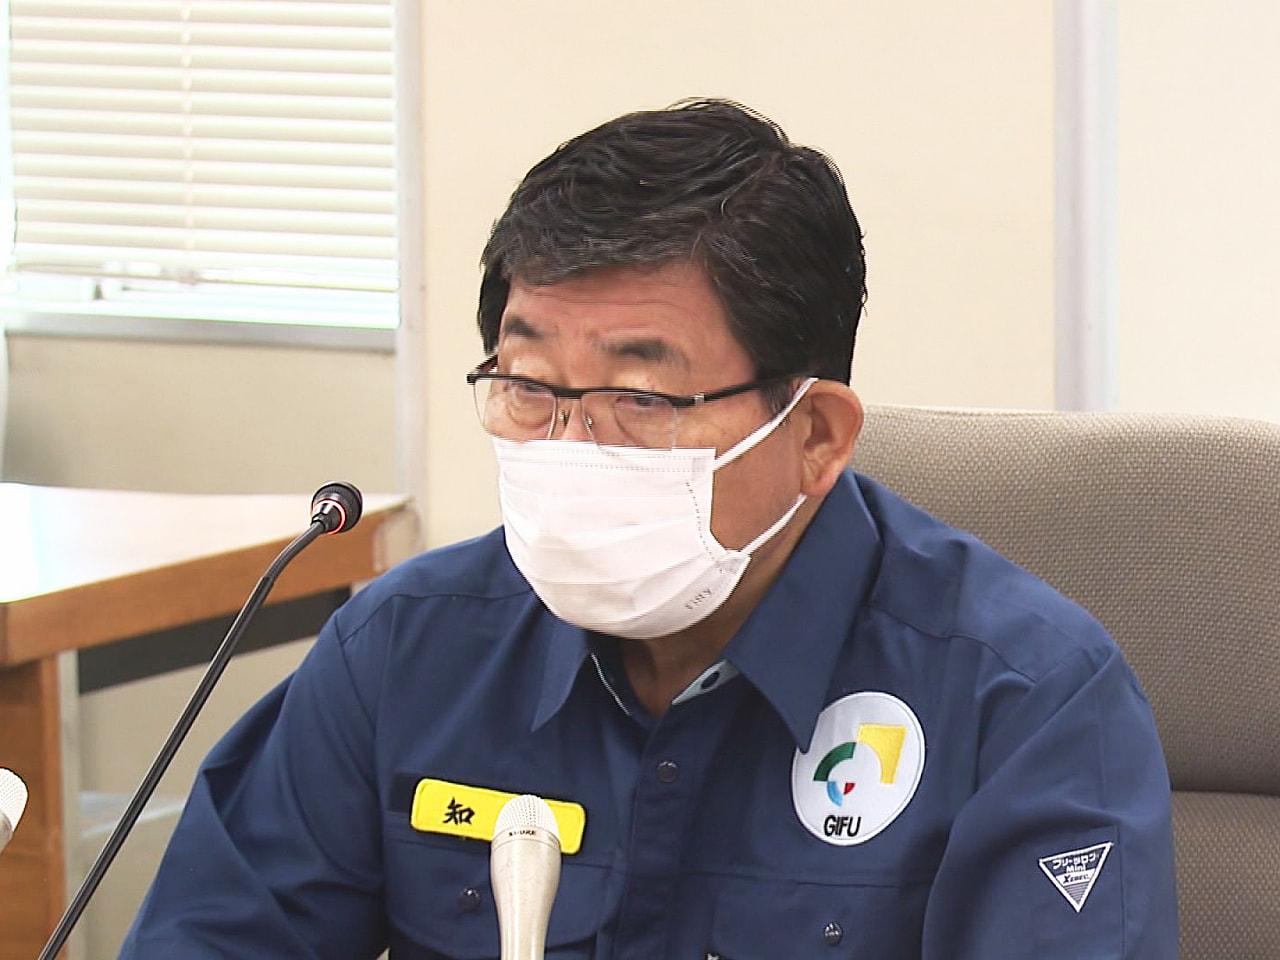 新型コロナウイルスの一般向けのワクチン接種について、岐阜県は8日、基礎疾患がある...